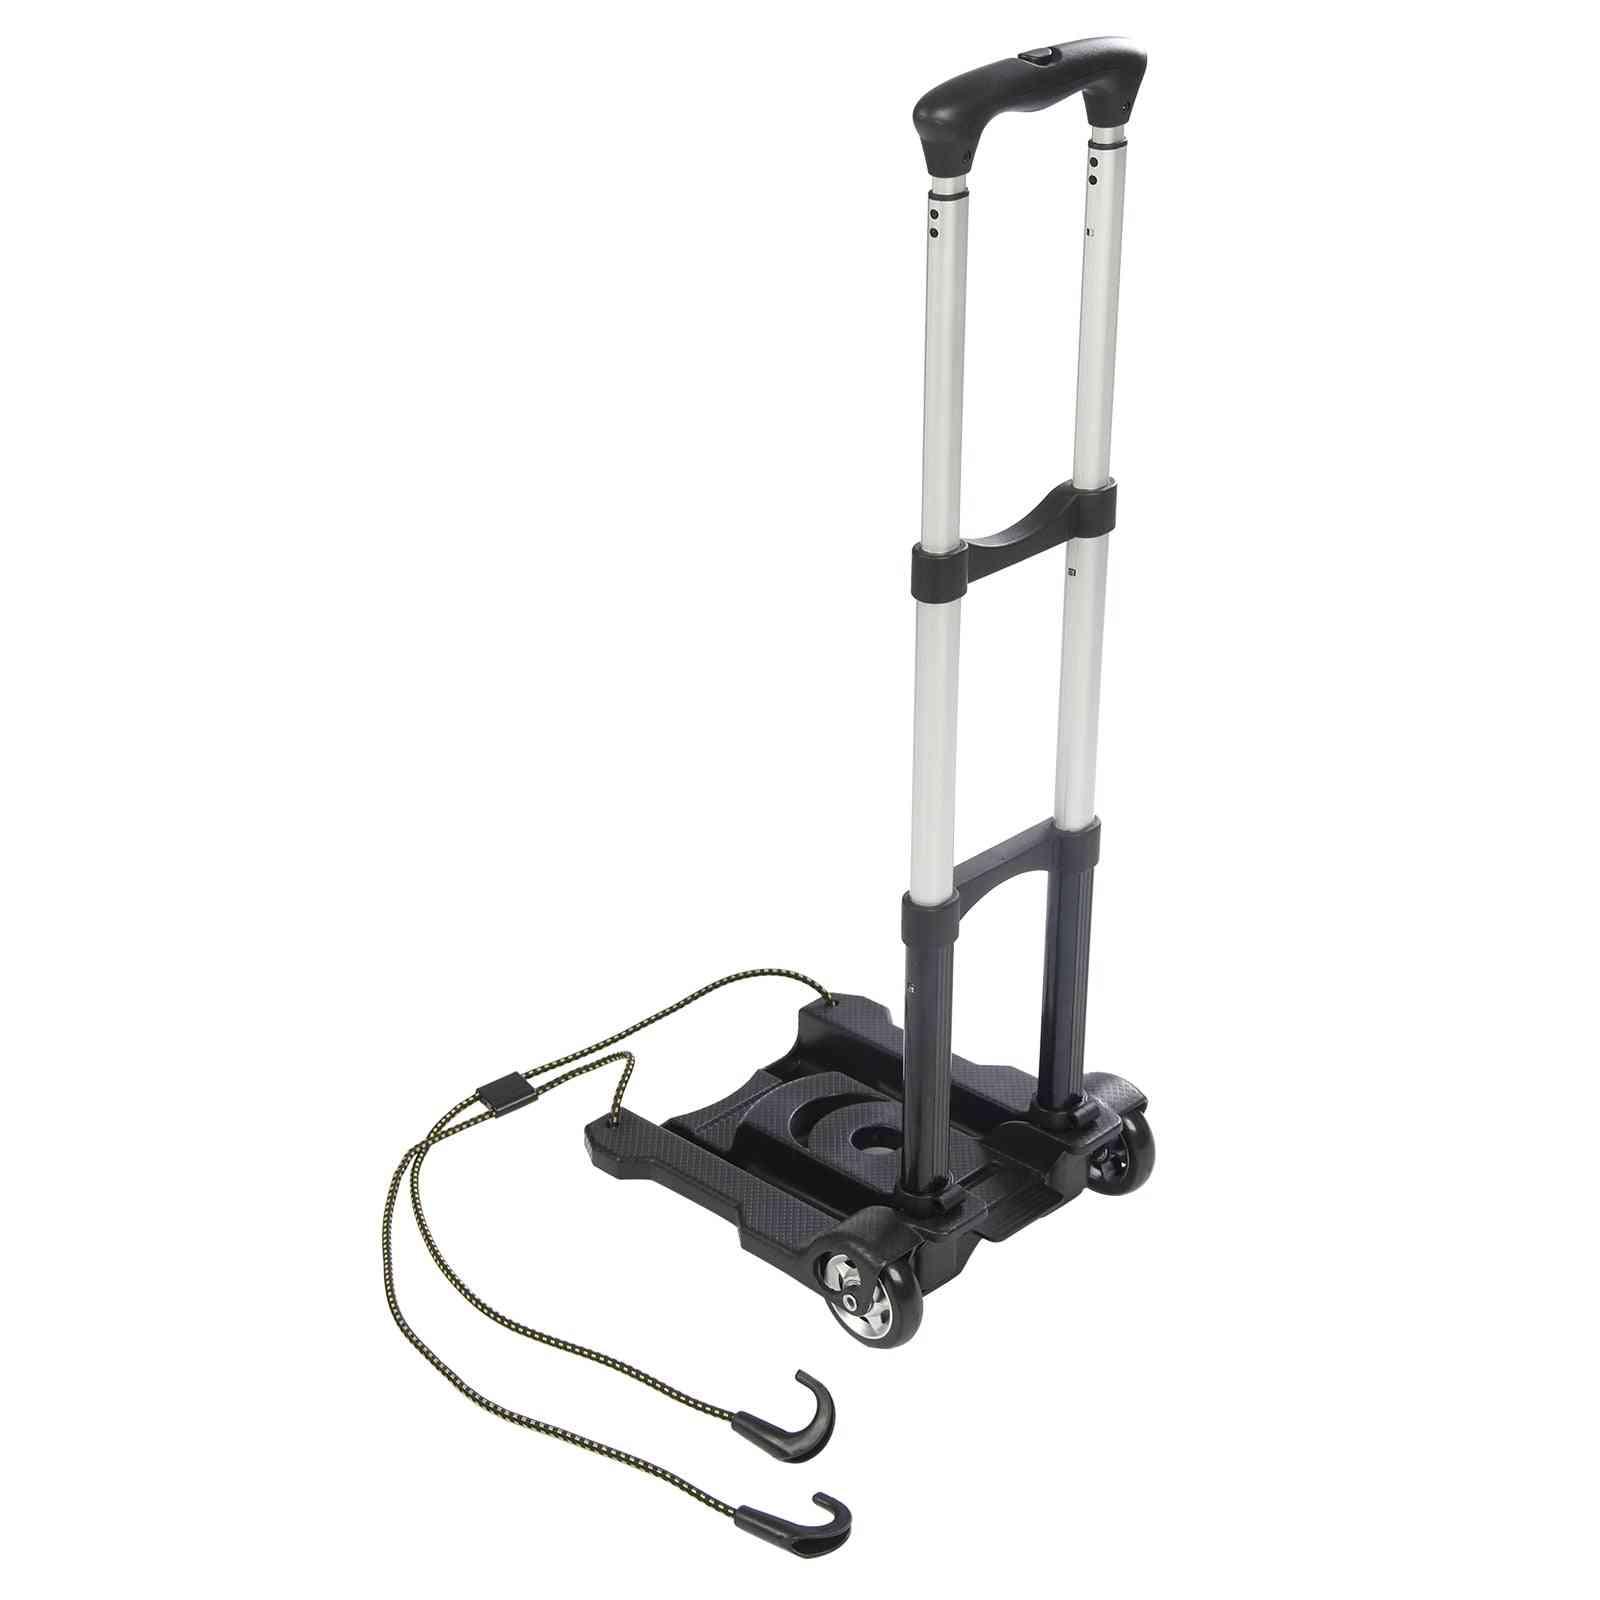 Foldable Shopping Cart- Travel Luggage, Large Trolley (black)